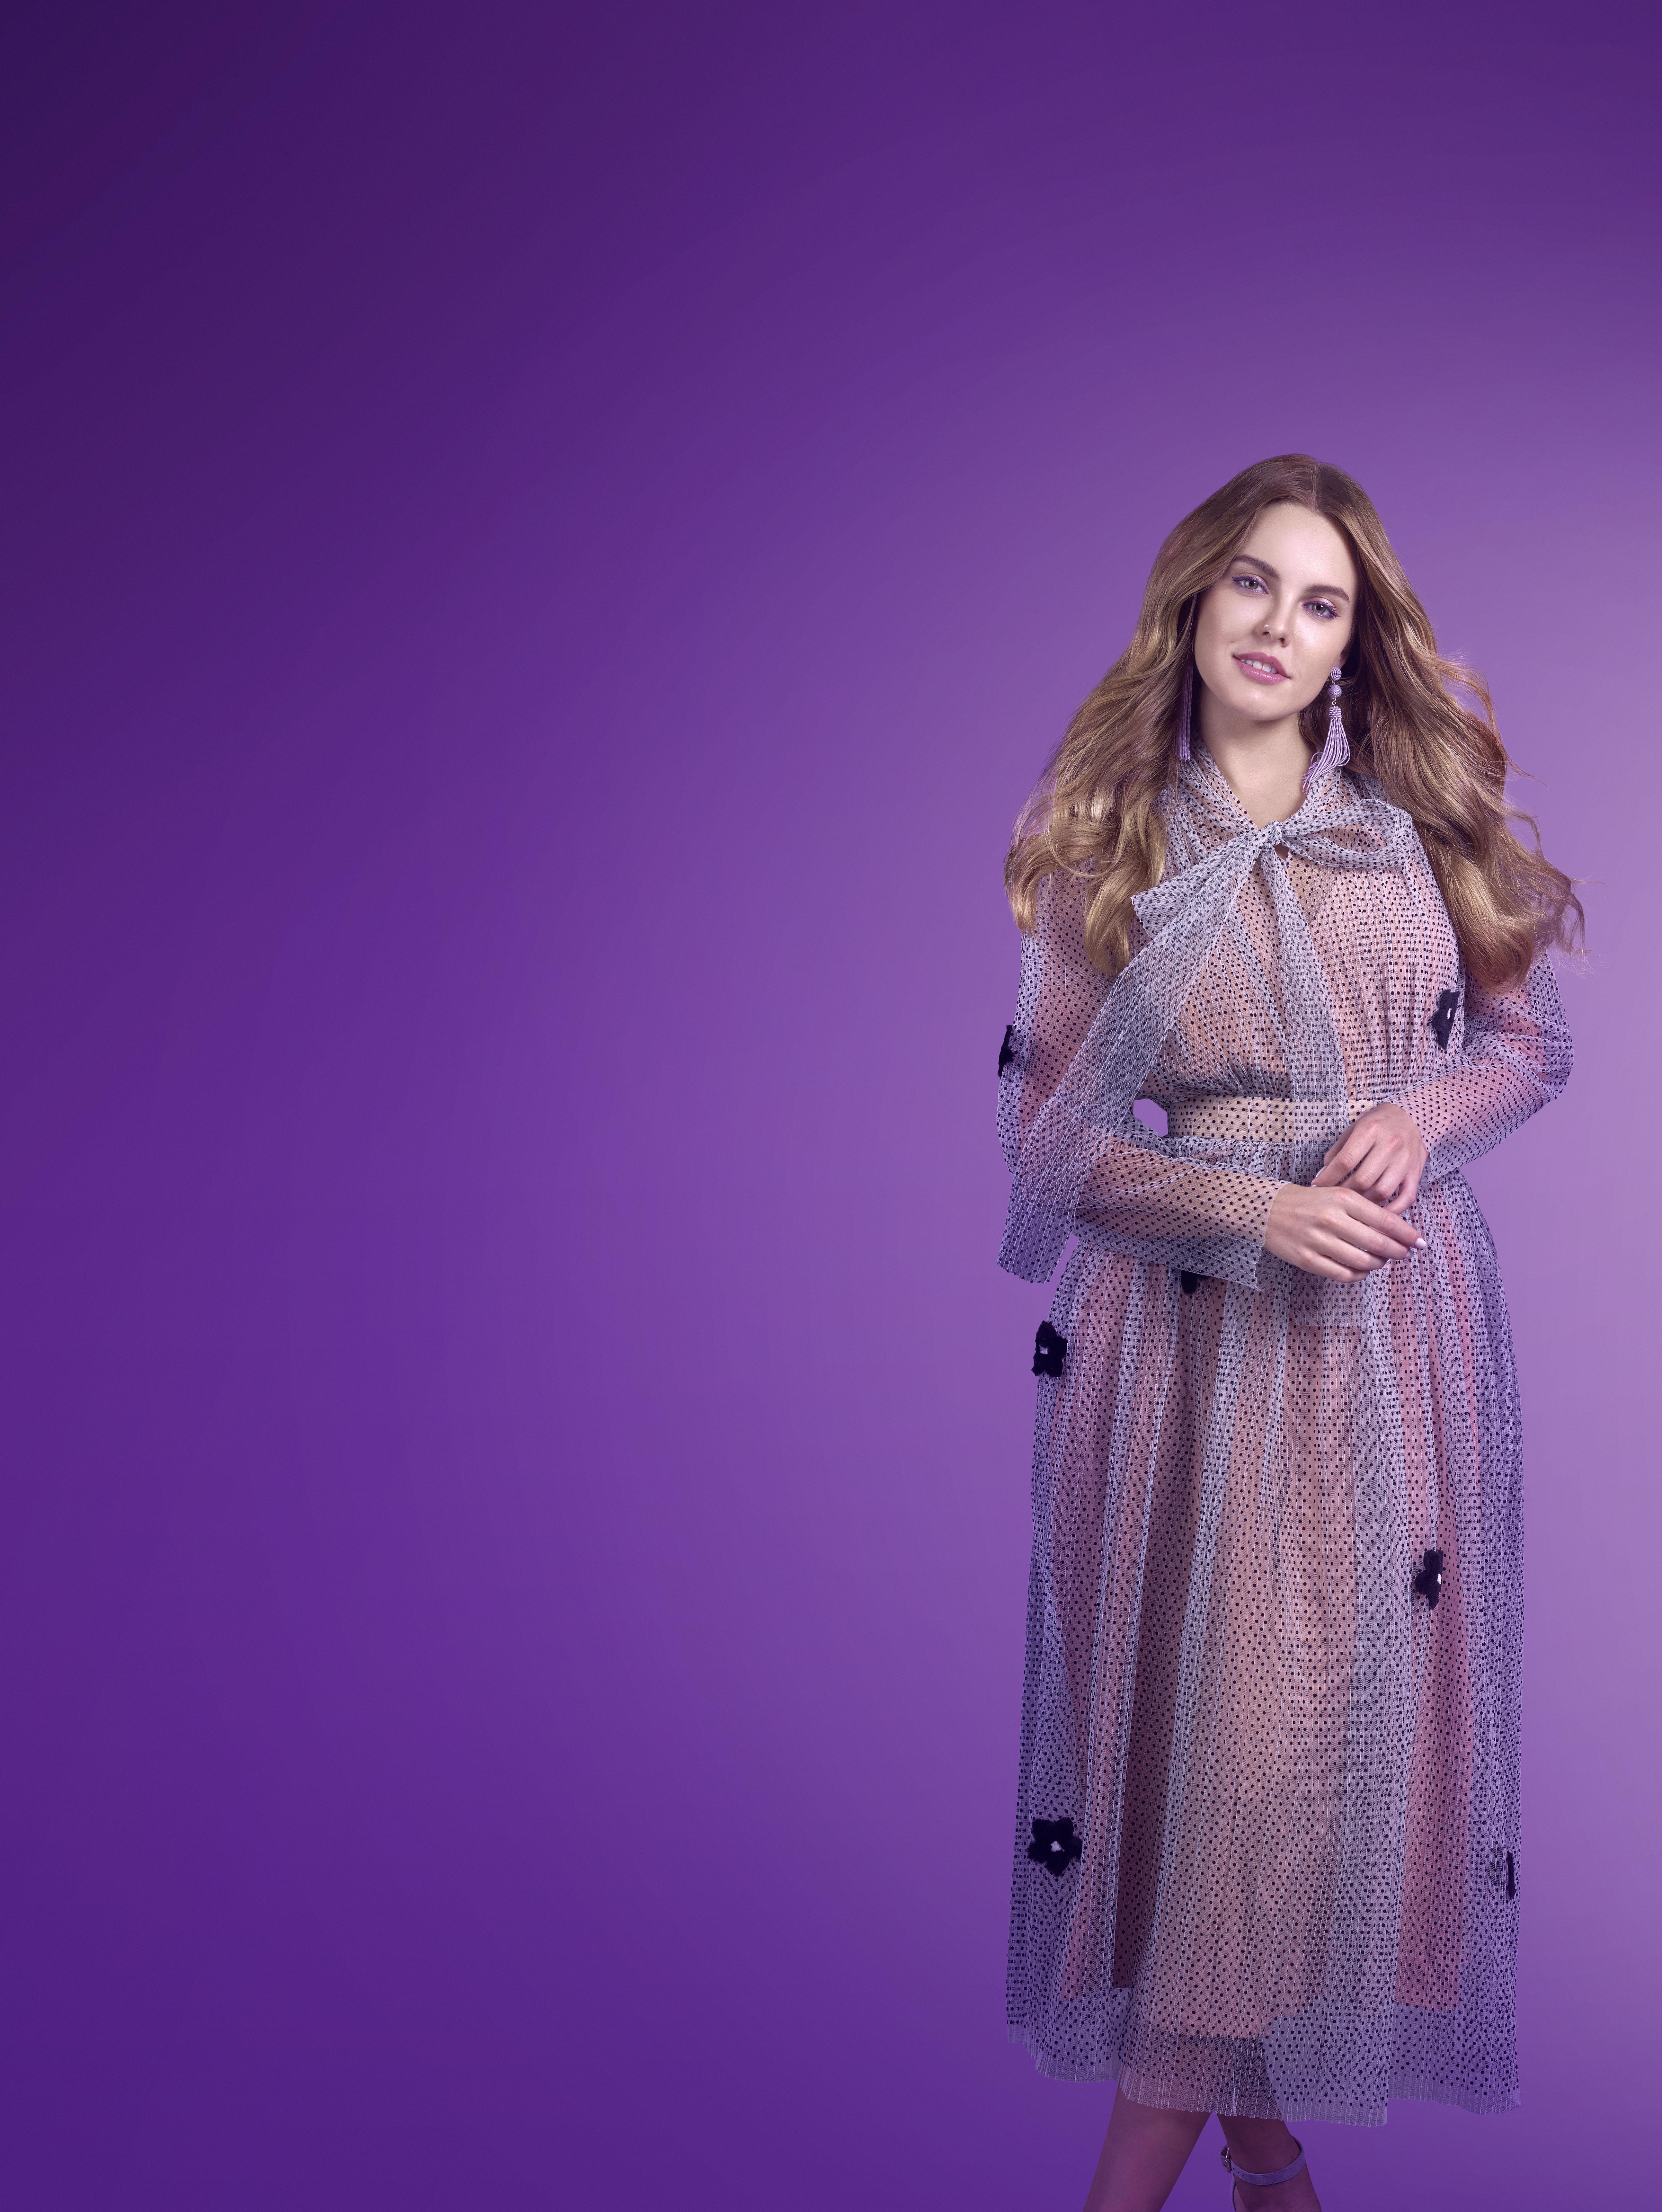 Блогер Дарья Клюкина